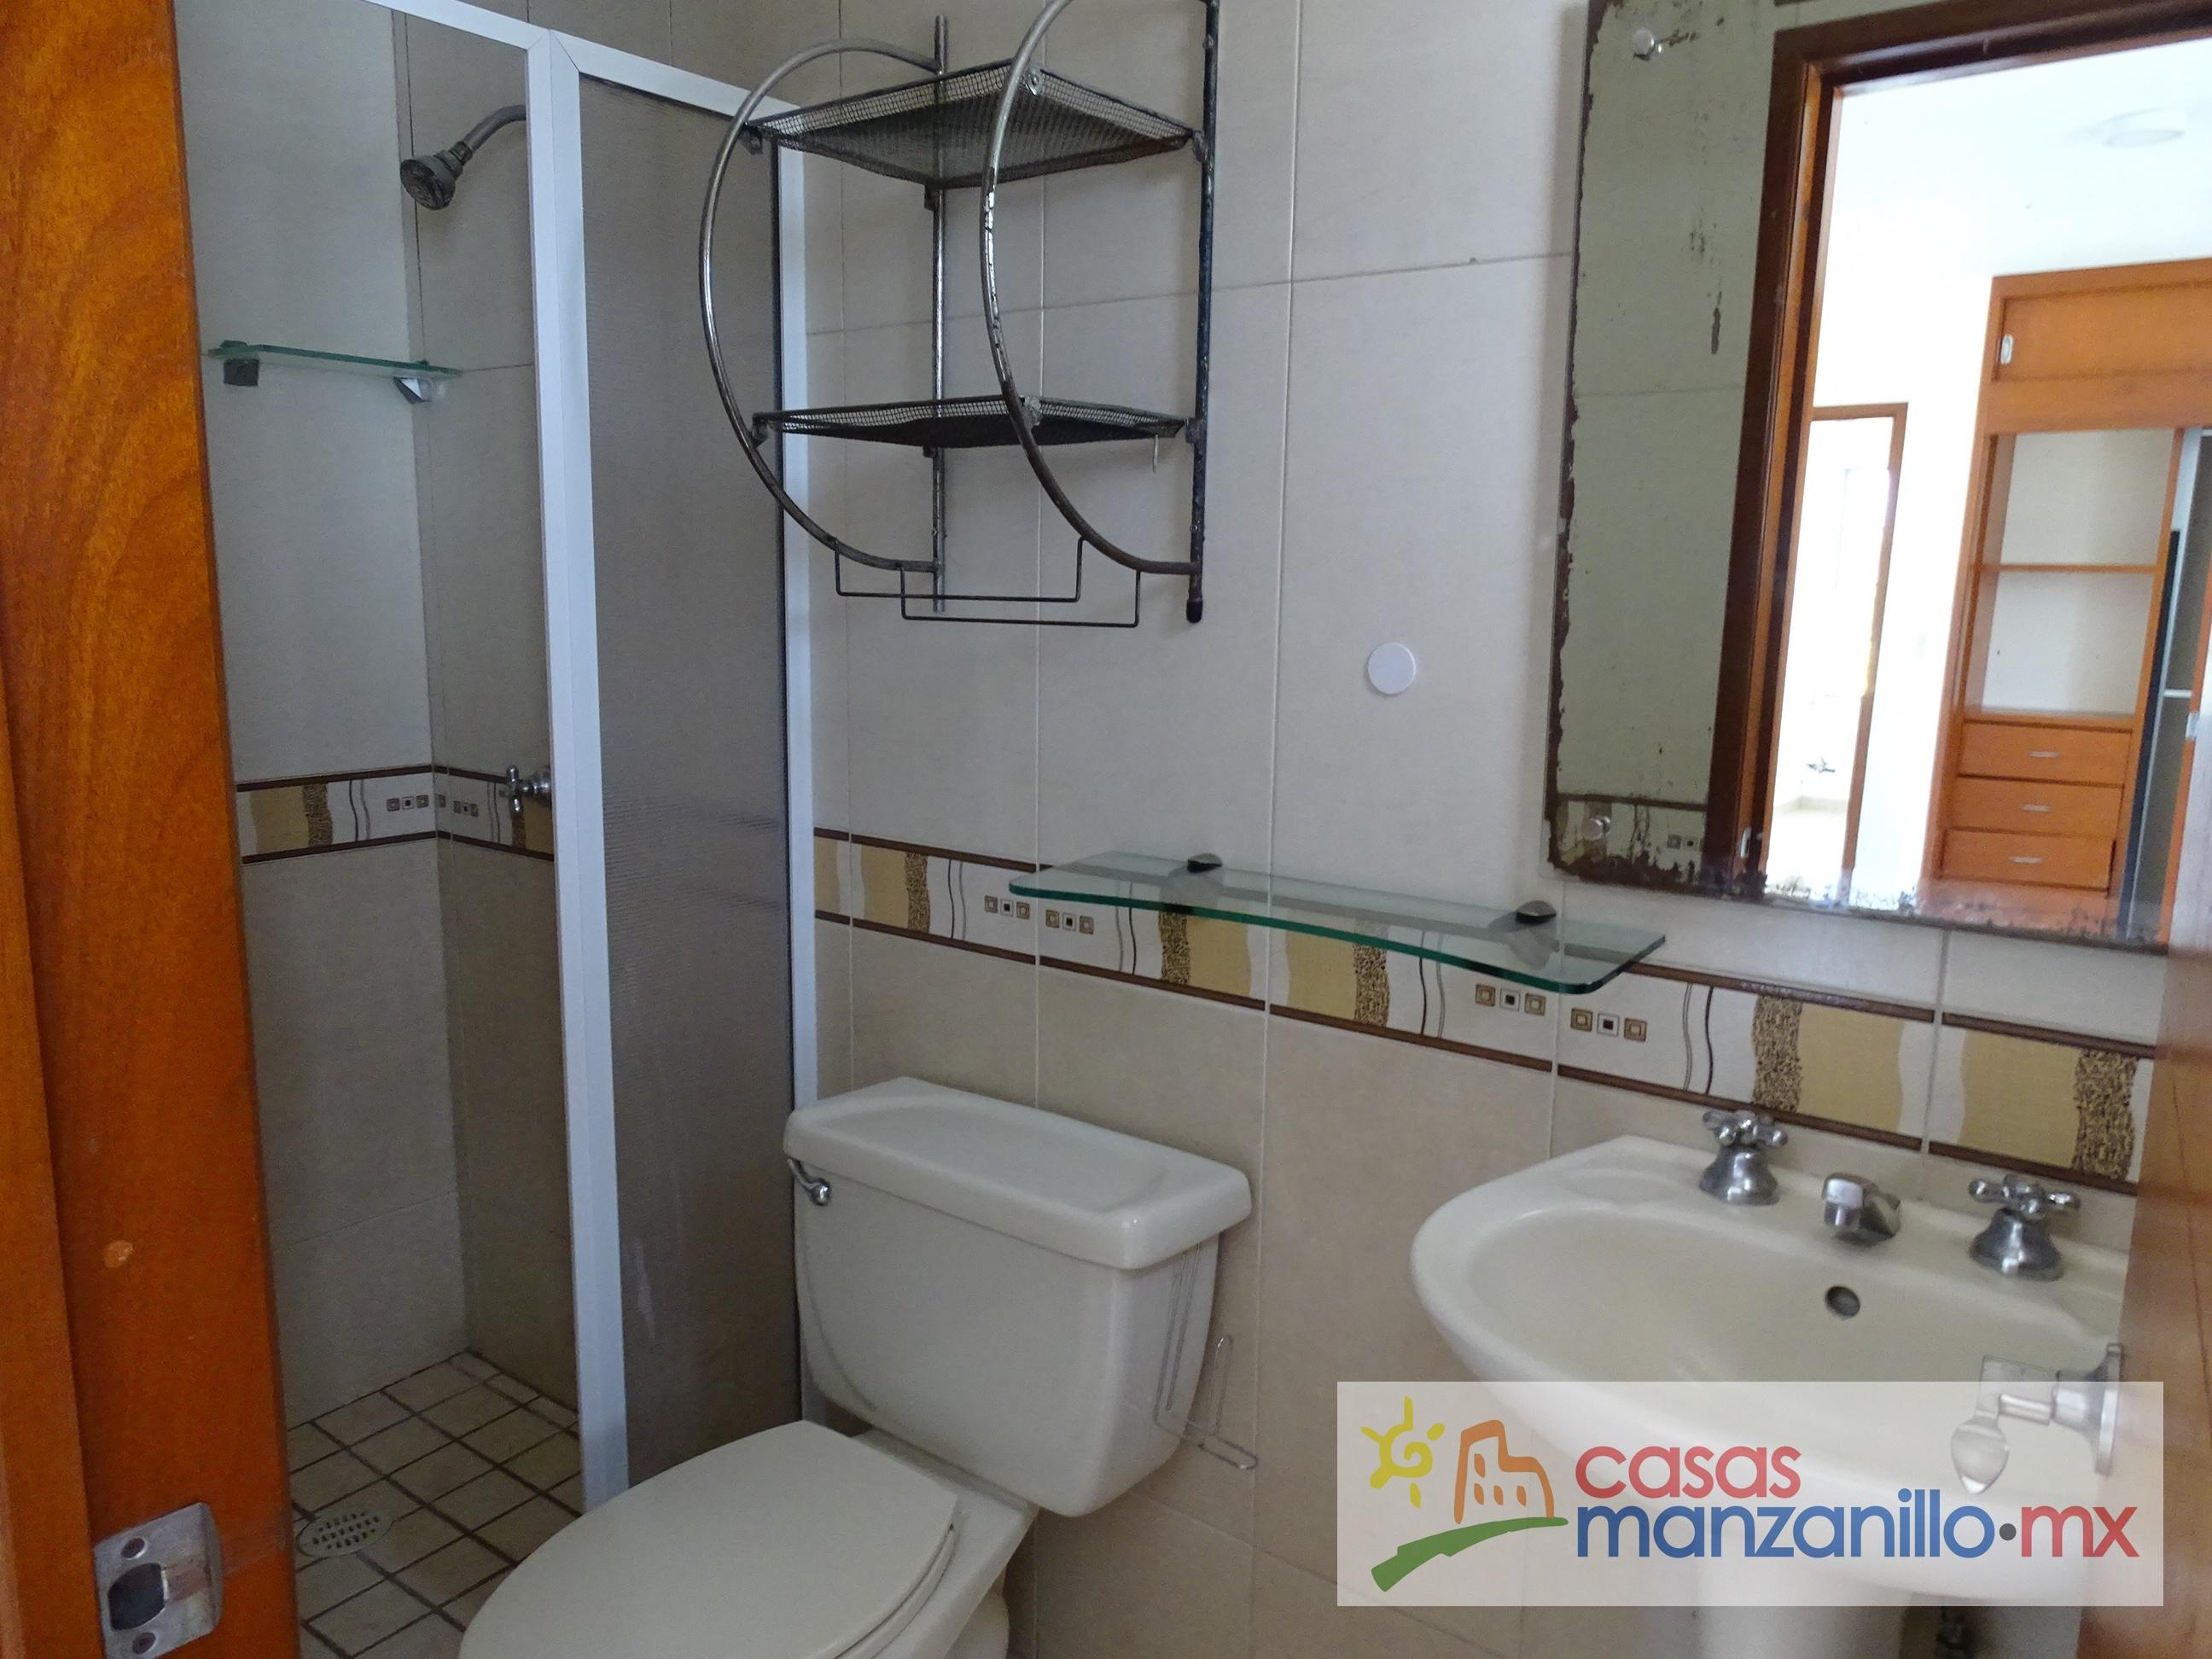 Casas VENTA Manzanillo - La Joya (44)